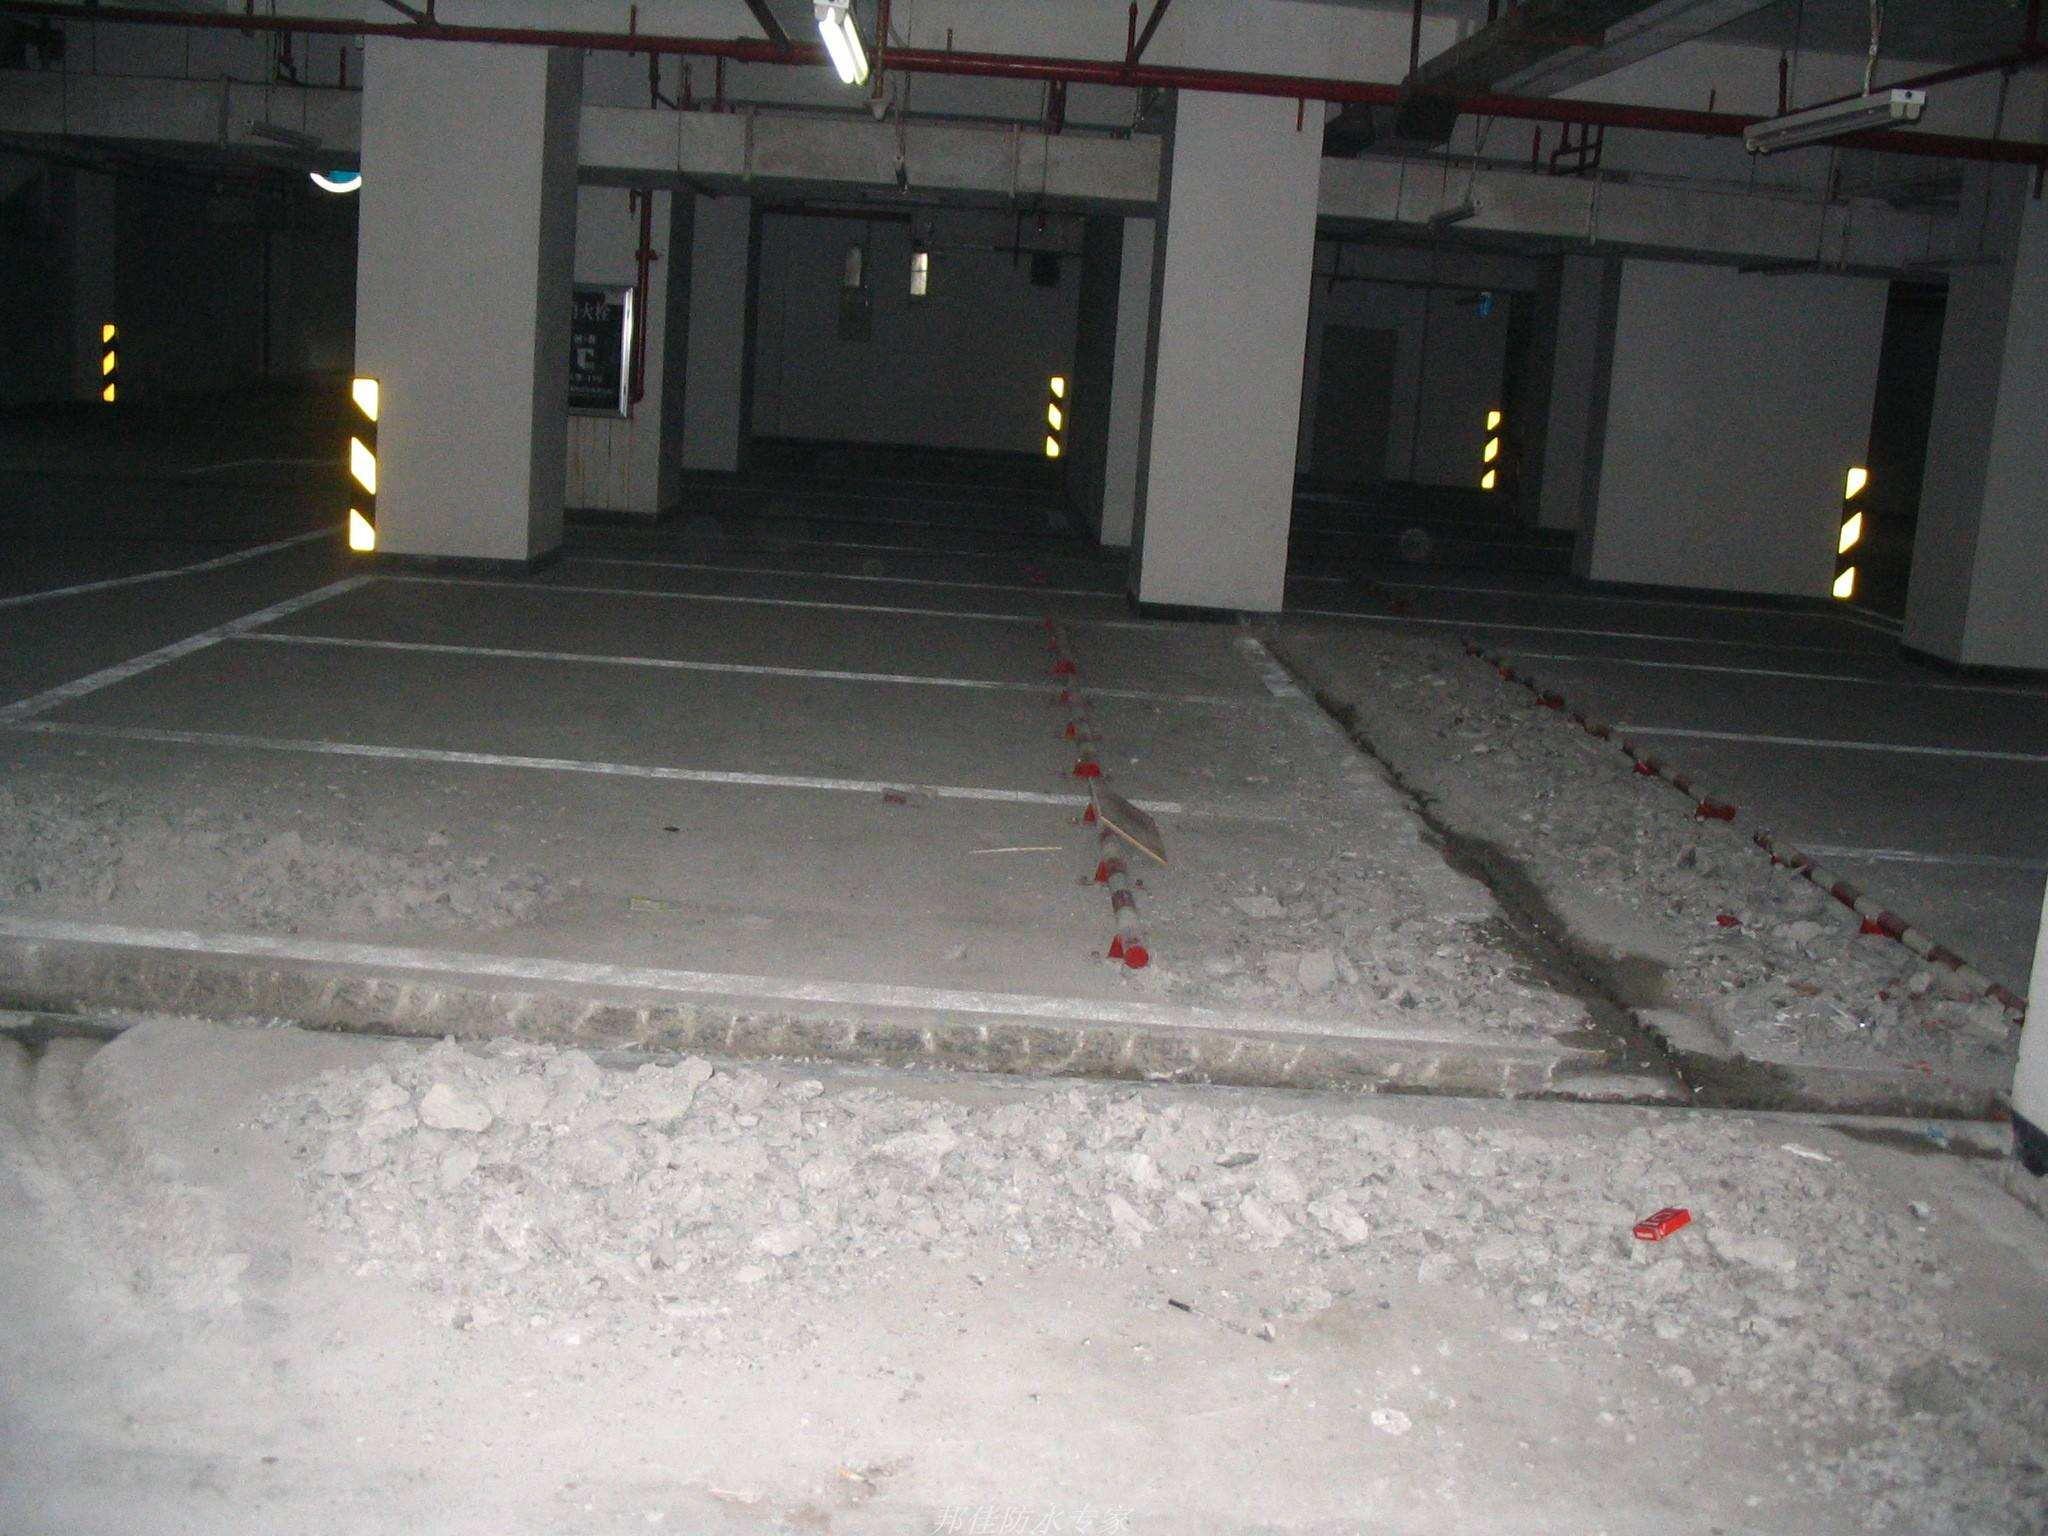 是什么拯救了地下室的潮湿环境?